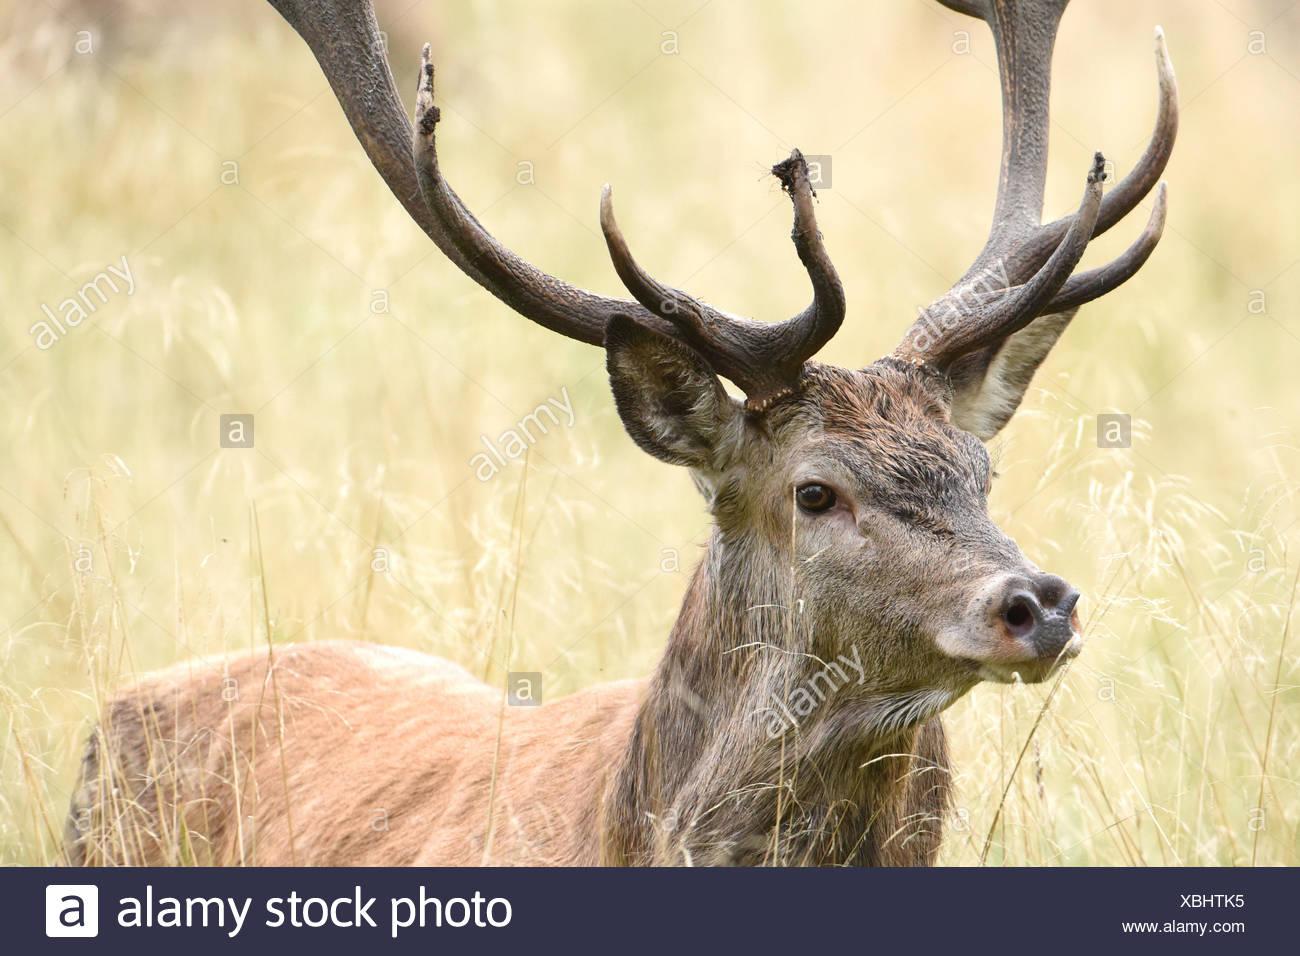 Deer rut - Stock Image